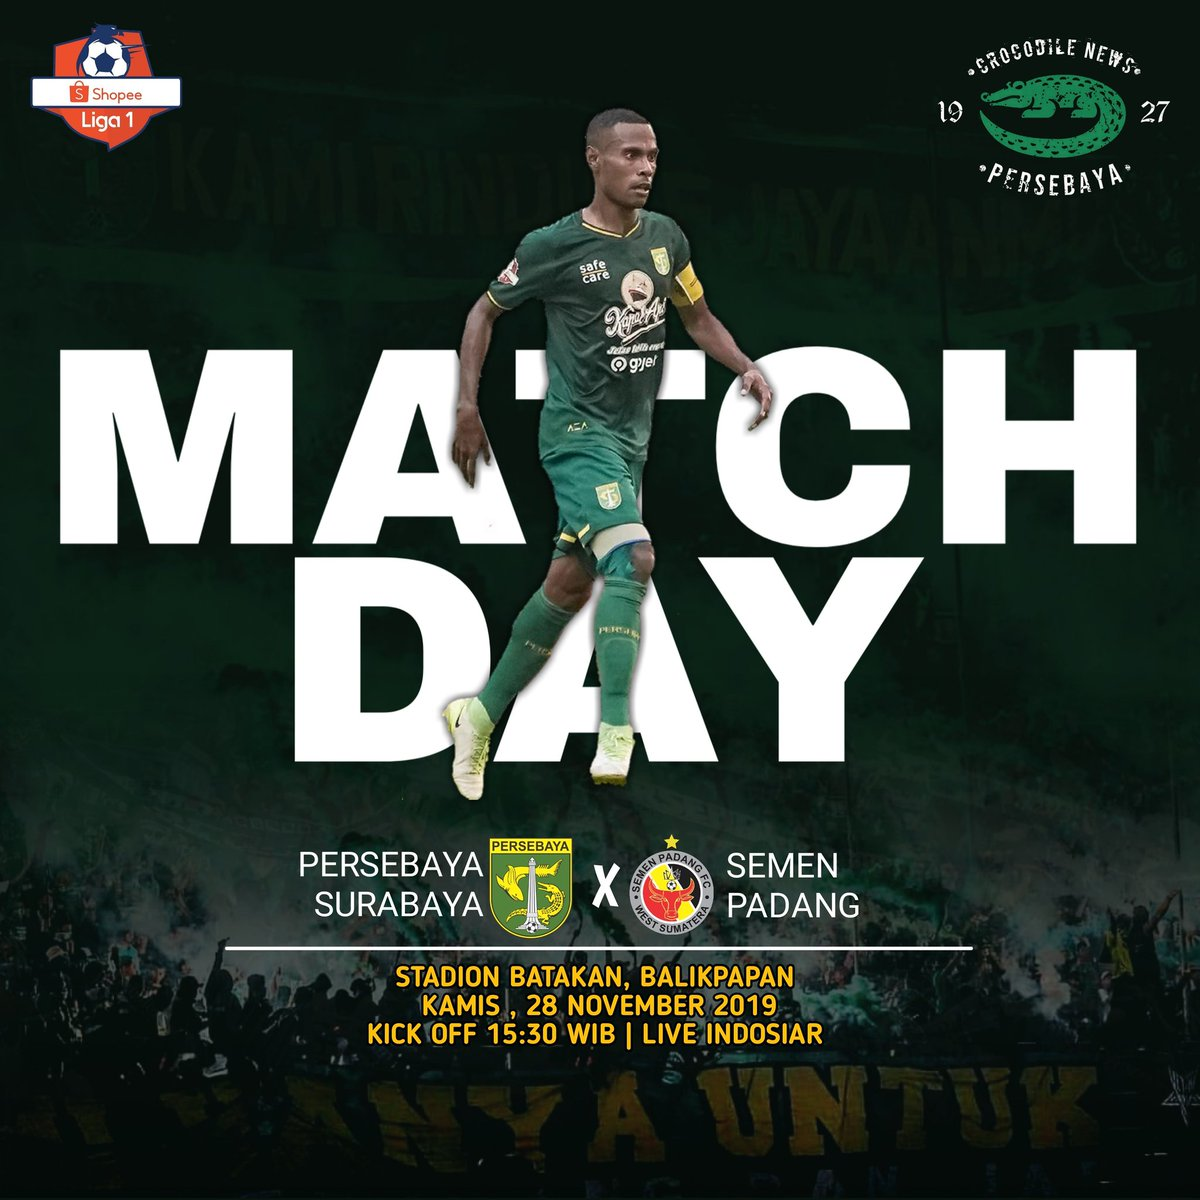 MATCH DAY! PEKAN 29! _ 🏆 Shopee Liga 1! 🆚 Persebaya Surabaya Vs Semen Padang Fc 📆 Kamis, 28 November 2019 ⏰ Kick Off 15.30 WIB 🏟 Stadion Batakan, Balikpapan 📺 Live Indosiar  AYO JOL LANJUTKAN TREND POSITIF KEMENANGANMU!👌🙏💚 #Persebaya #bajolijo #greenforce #CrocodileNews